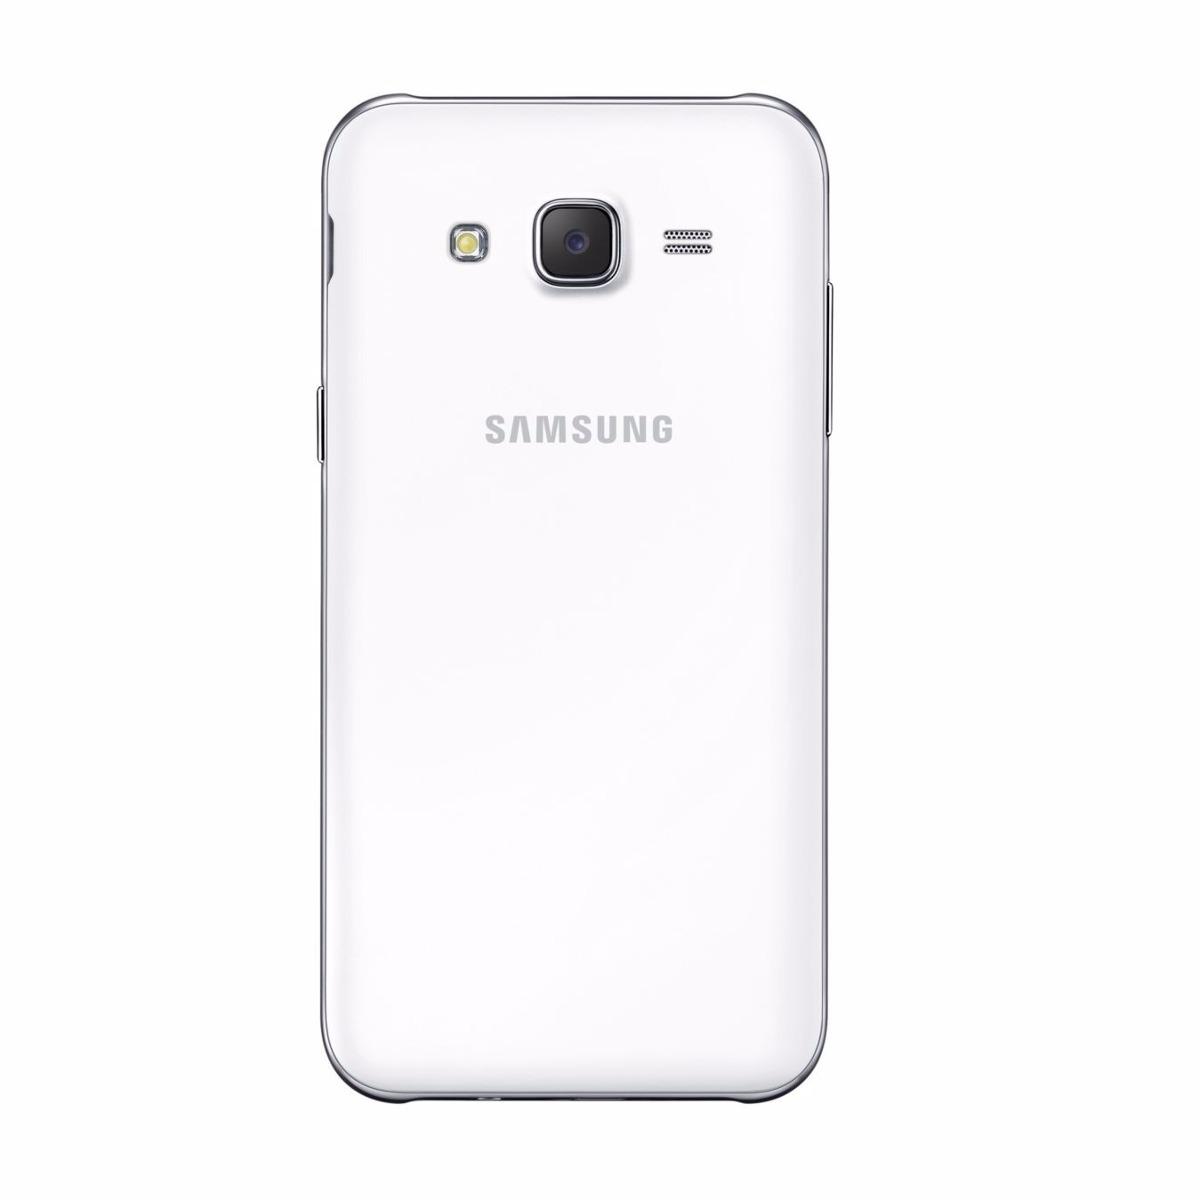 Celular Samsung Galaxy J5 Dual Sim Blanco Garantía 1 Año